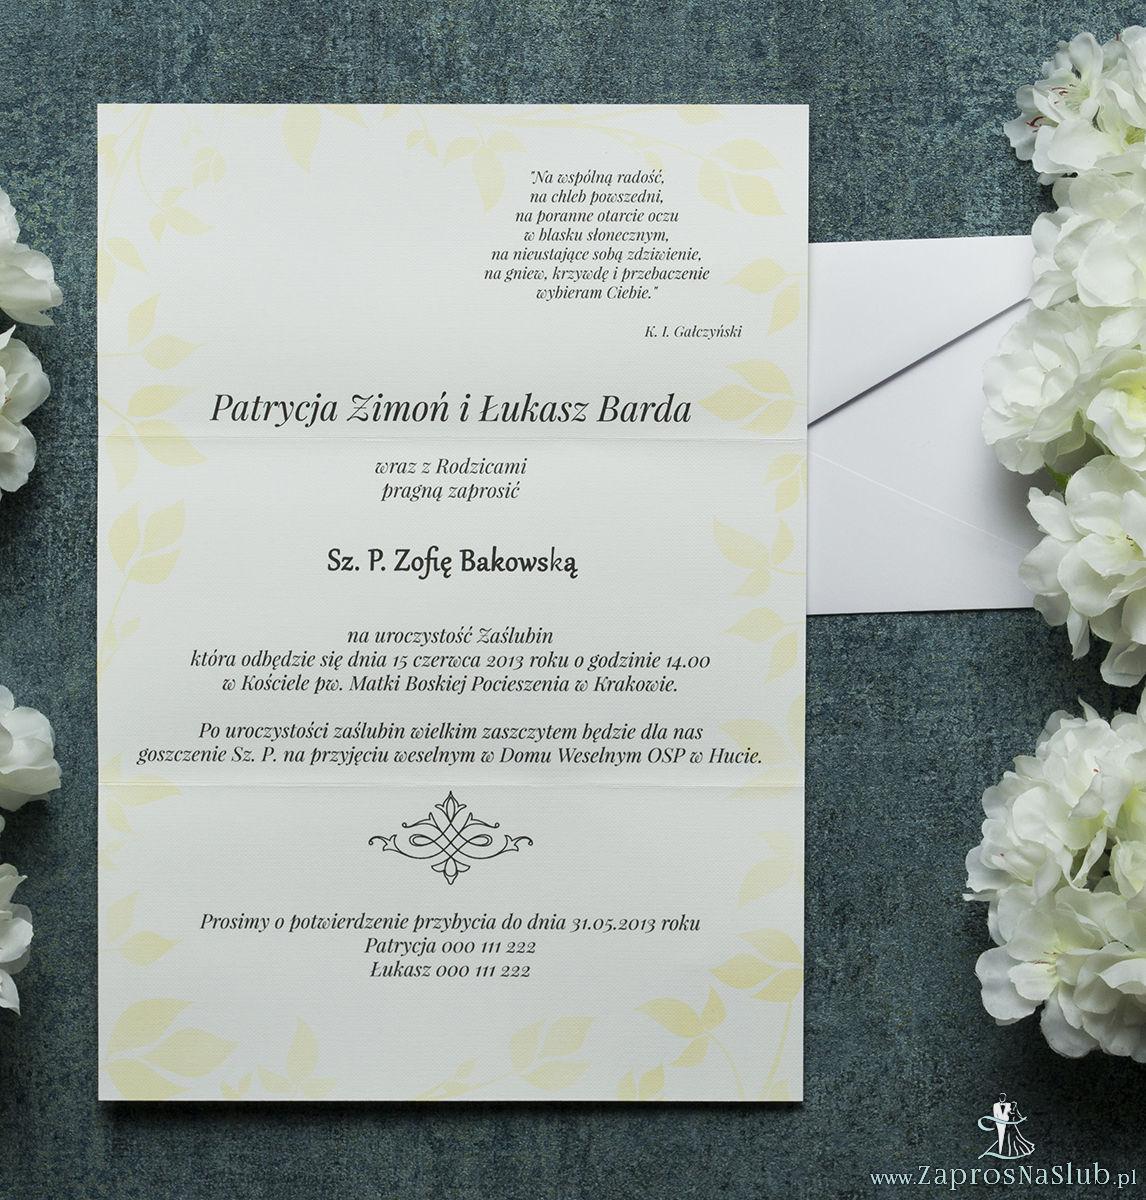 Składane na trzy części kwiatowe zaproszenia ślubne w formacie DL. Kwiaty - słoneczniki, żółta kokardka i interesujący motyw ozdobny. ZAP-95-19